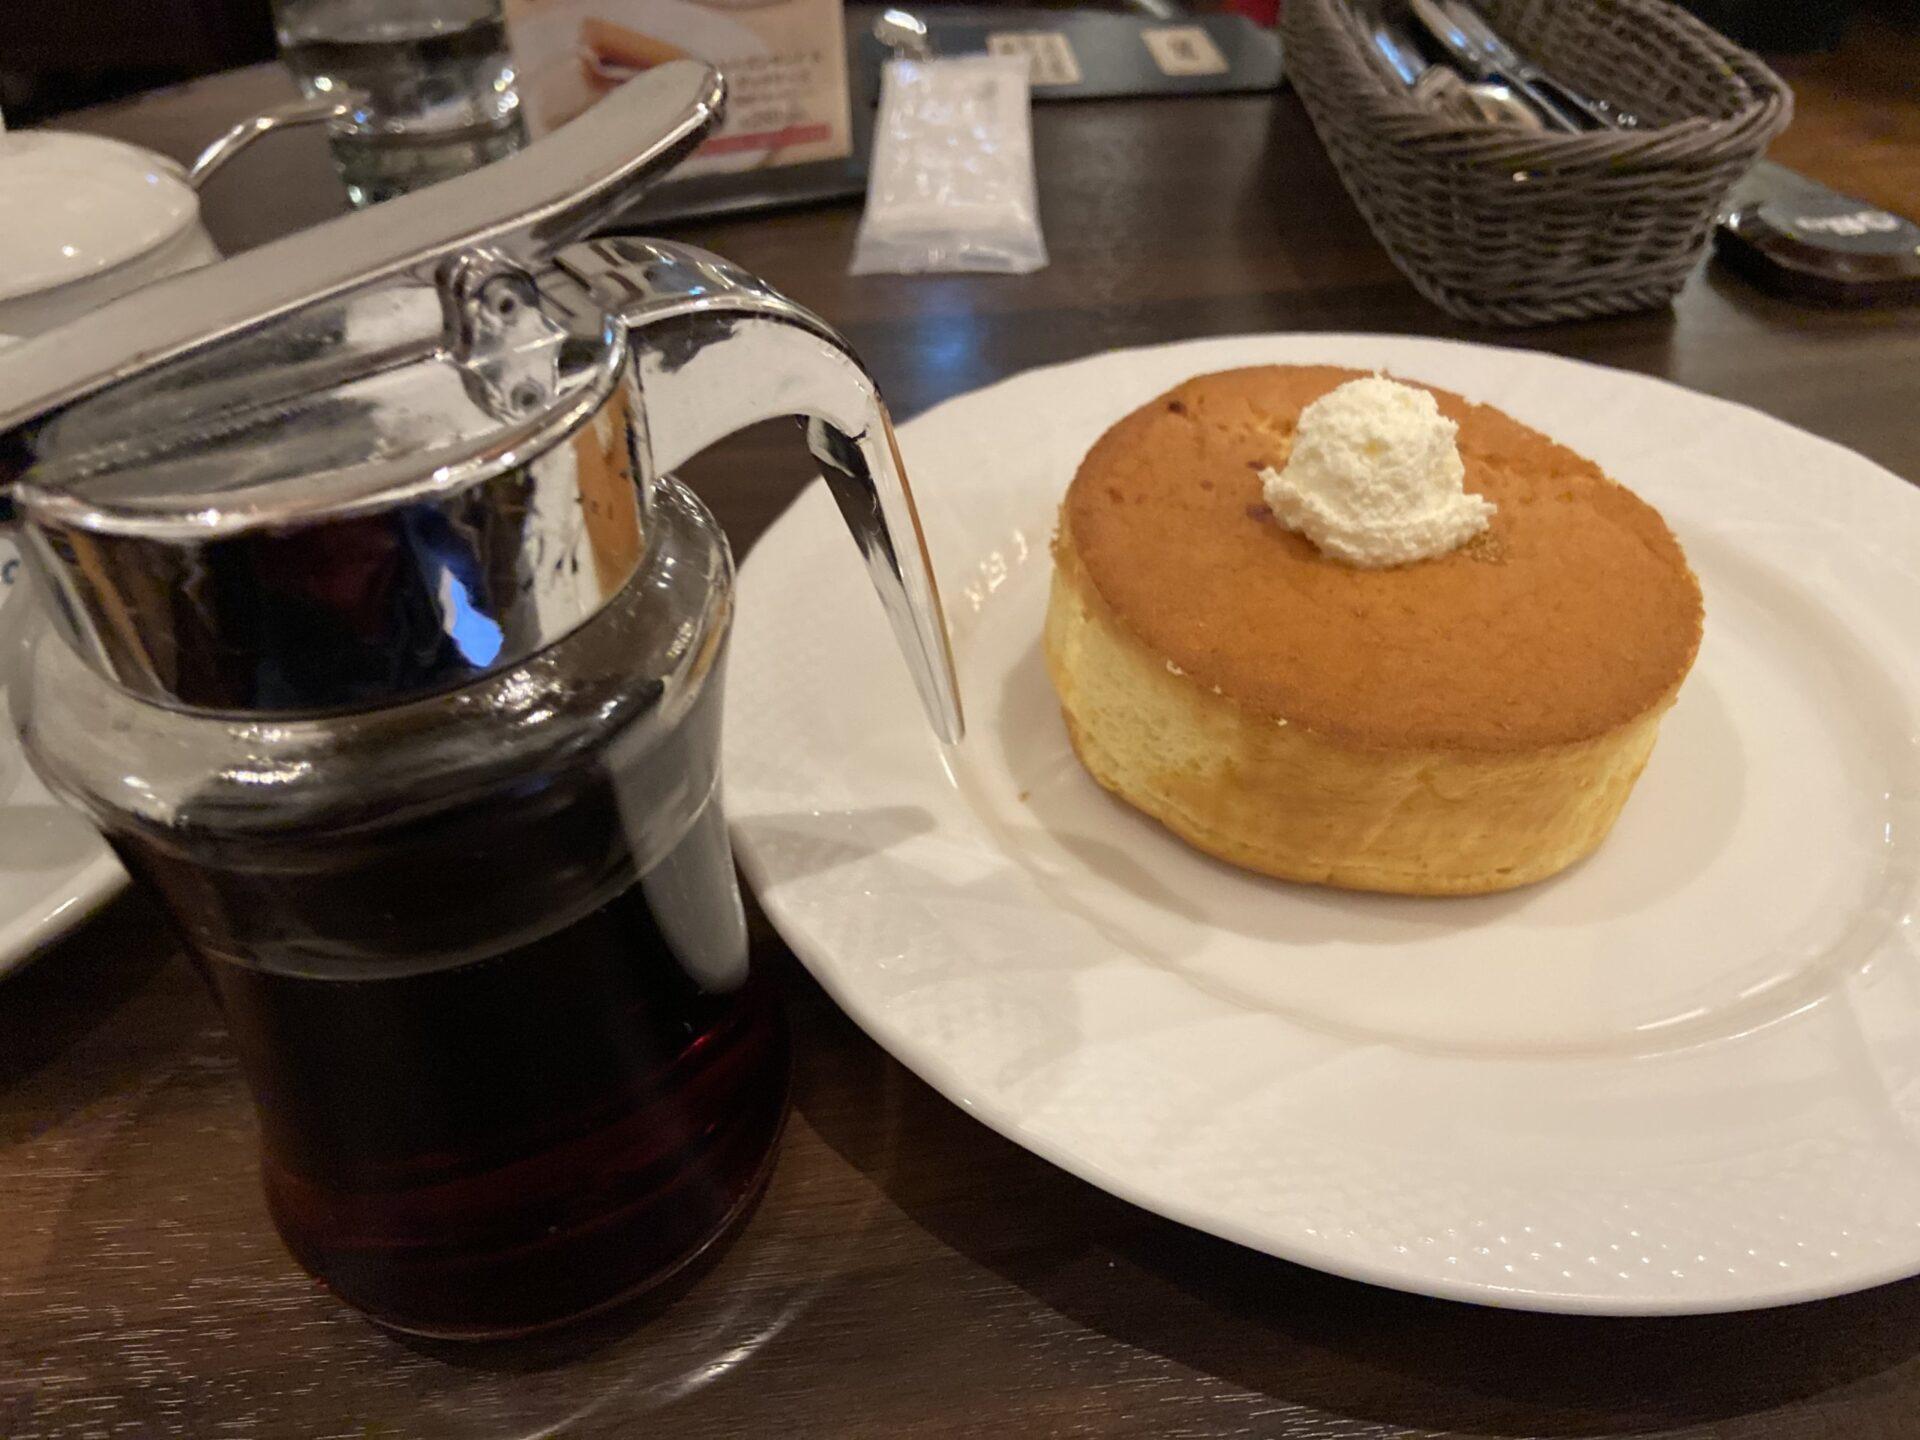 スフレパンケーキ コーヒー